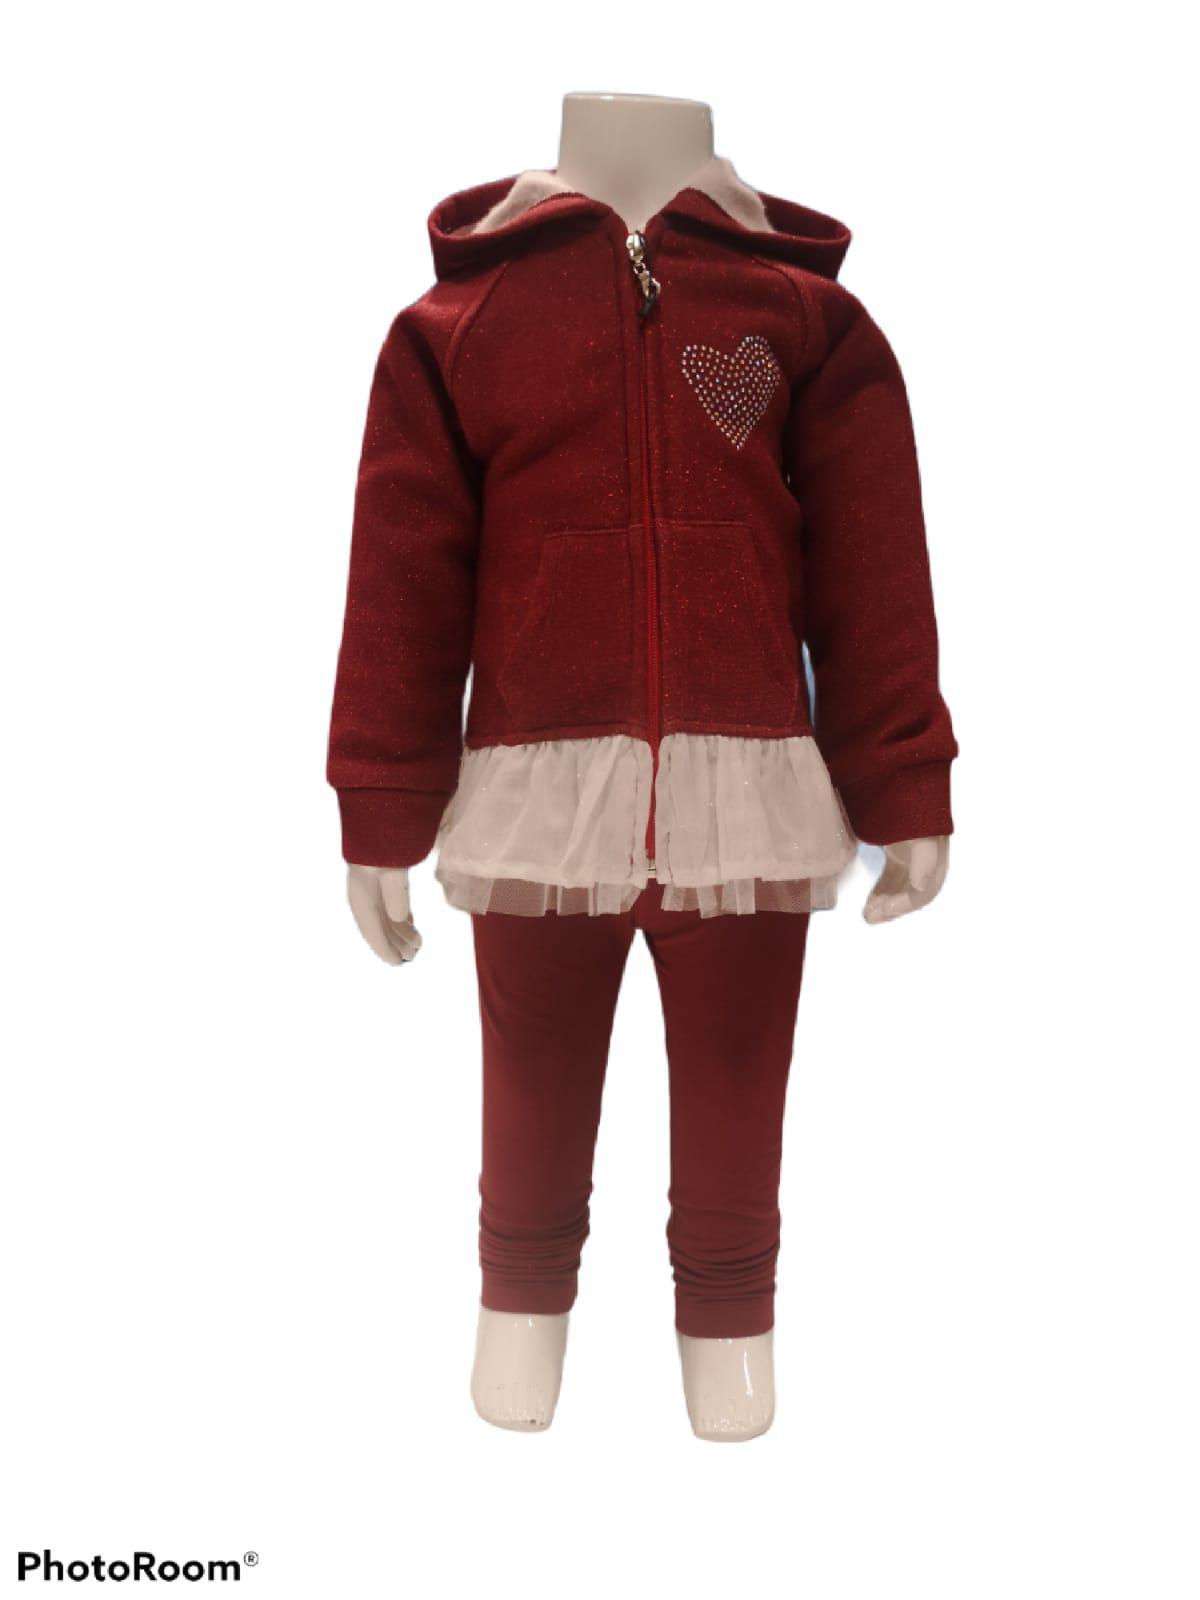 Maia Kids 10209 БОРДОВЫЙ Детский костюм для девочек